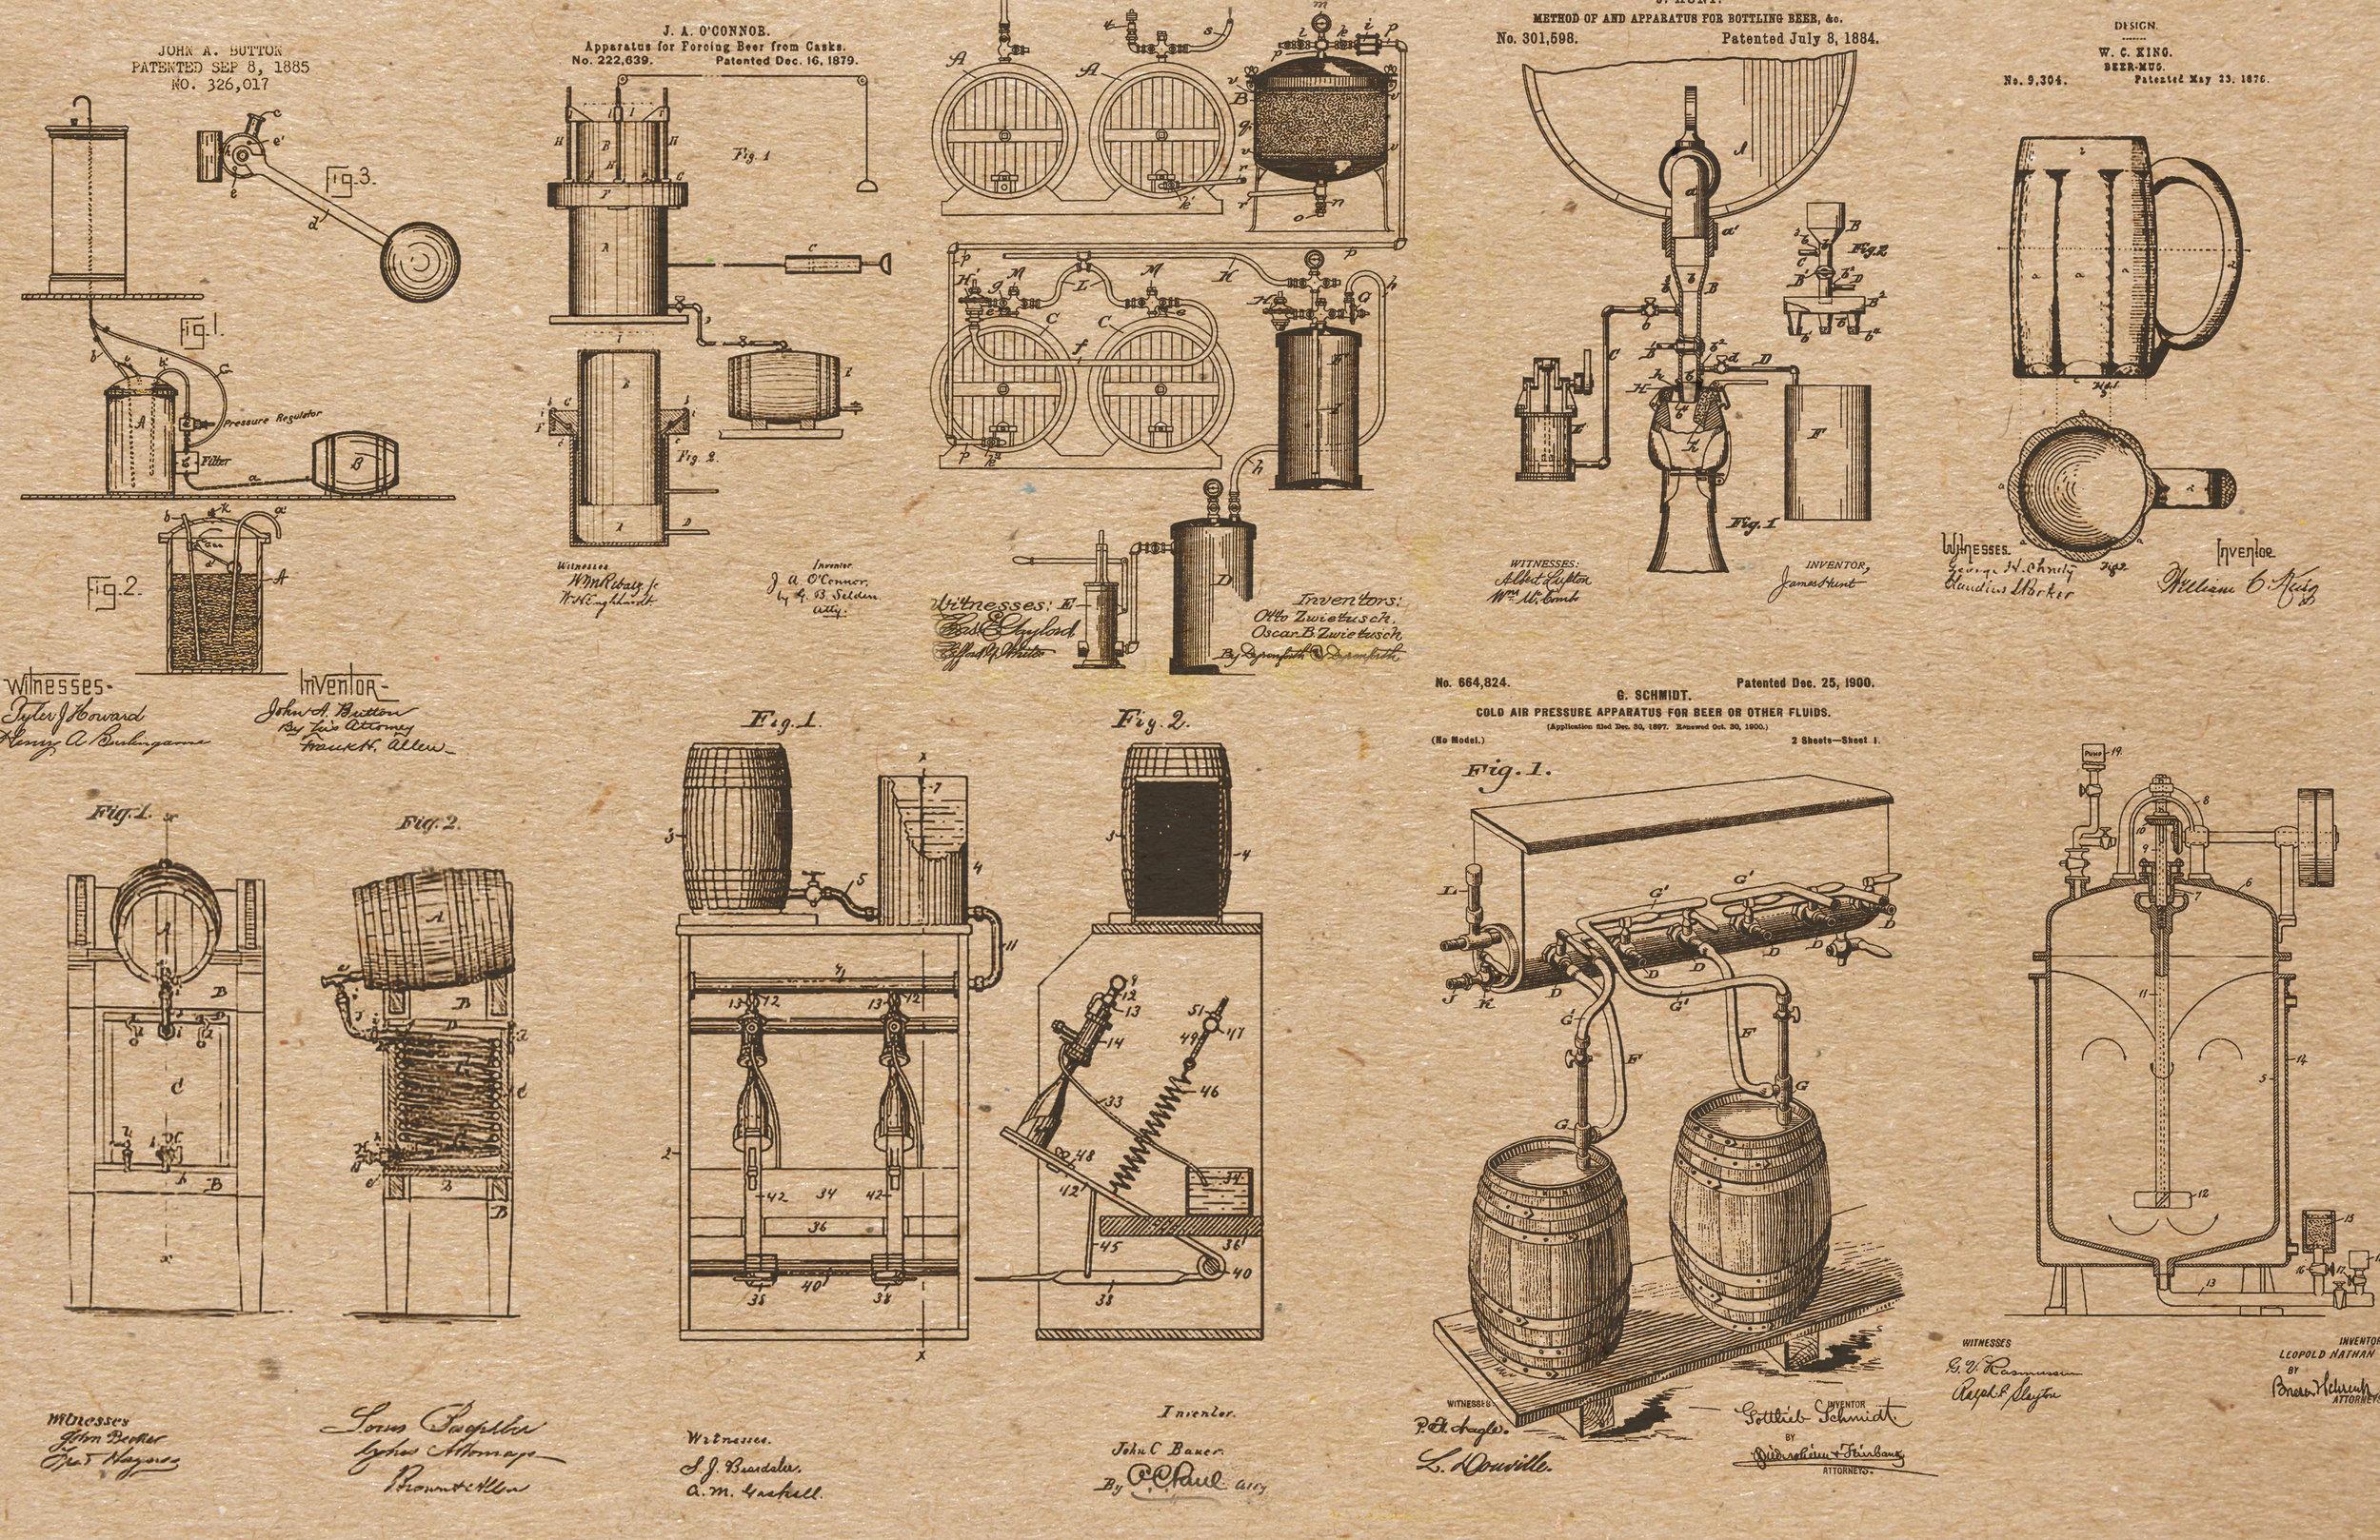 patent drawings2.jpg